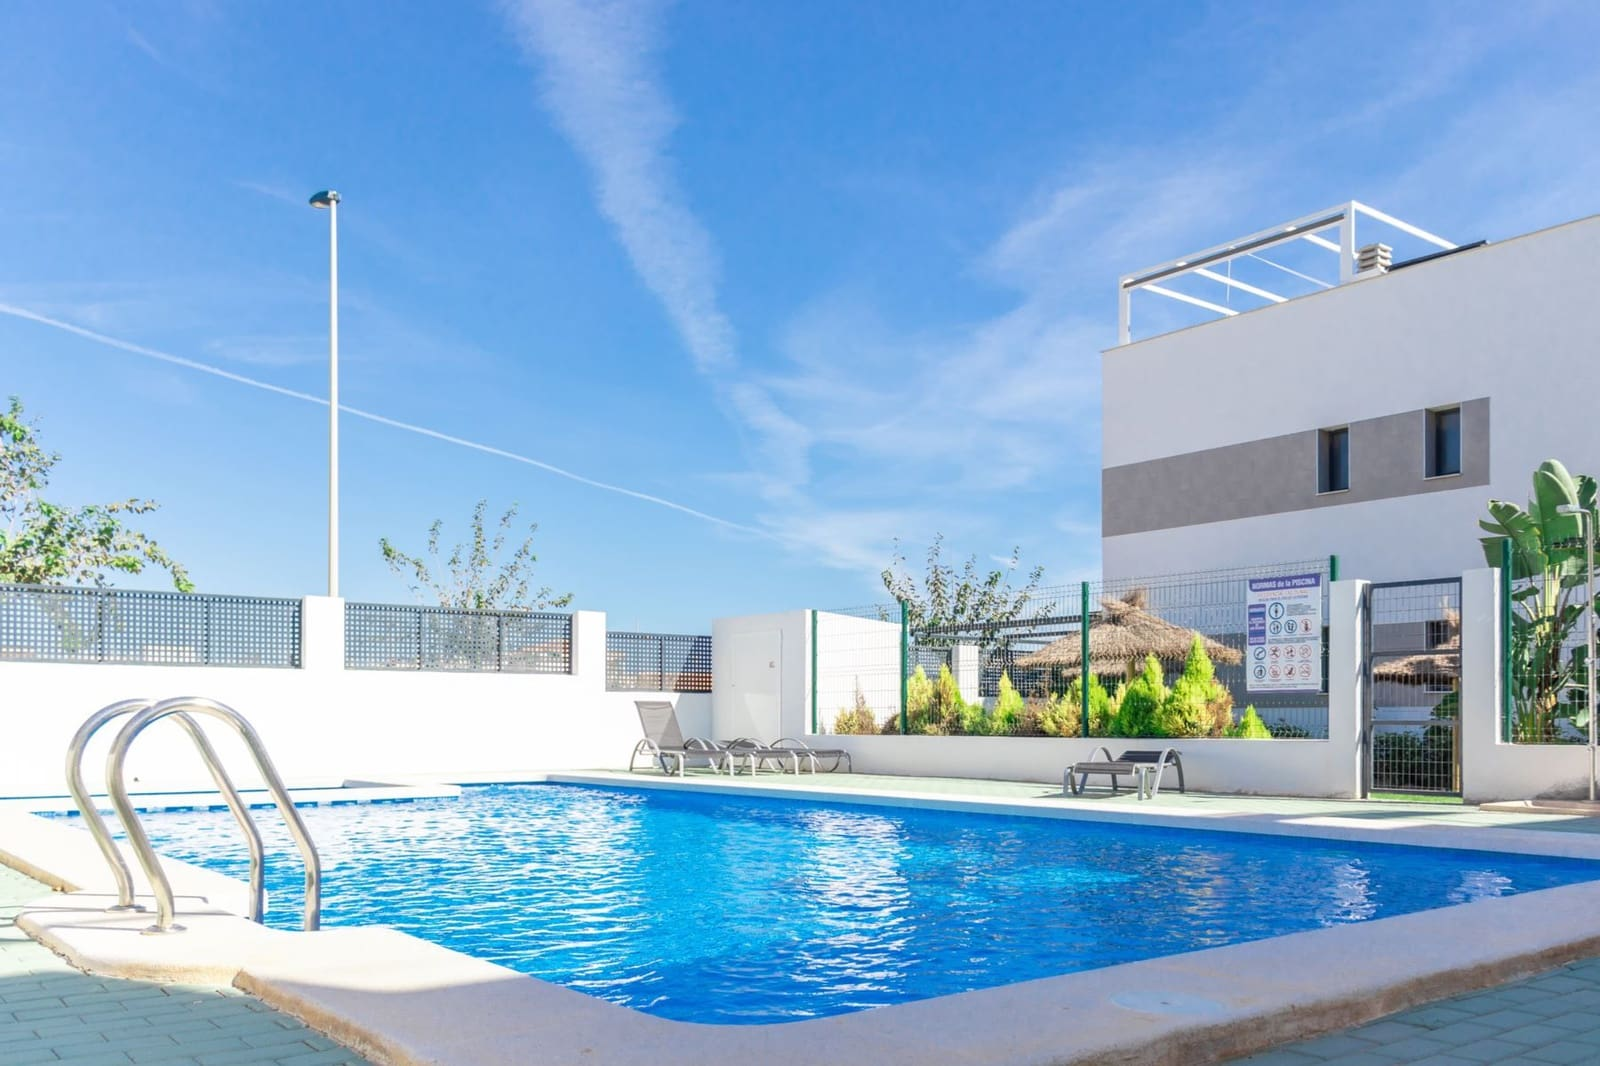 Casa de 2 habitaciones en Pilar de la Horadada en venta con piscina - 229.000 € (Ref: 5058519)